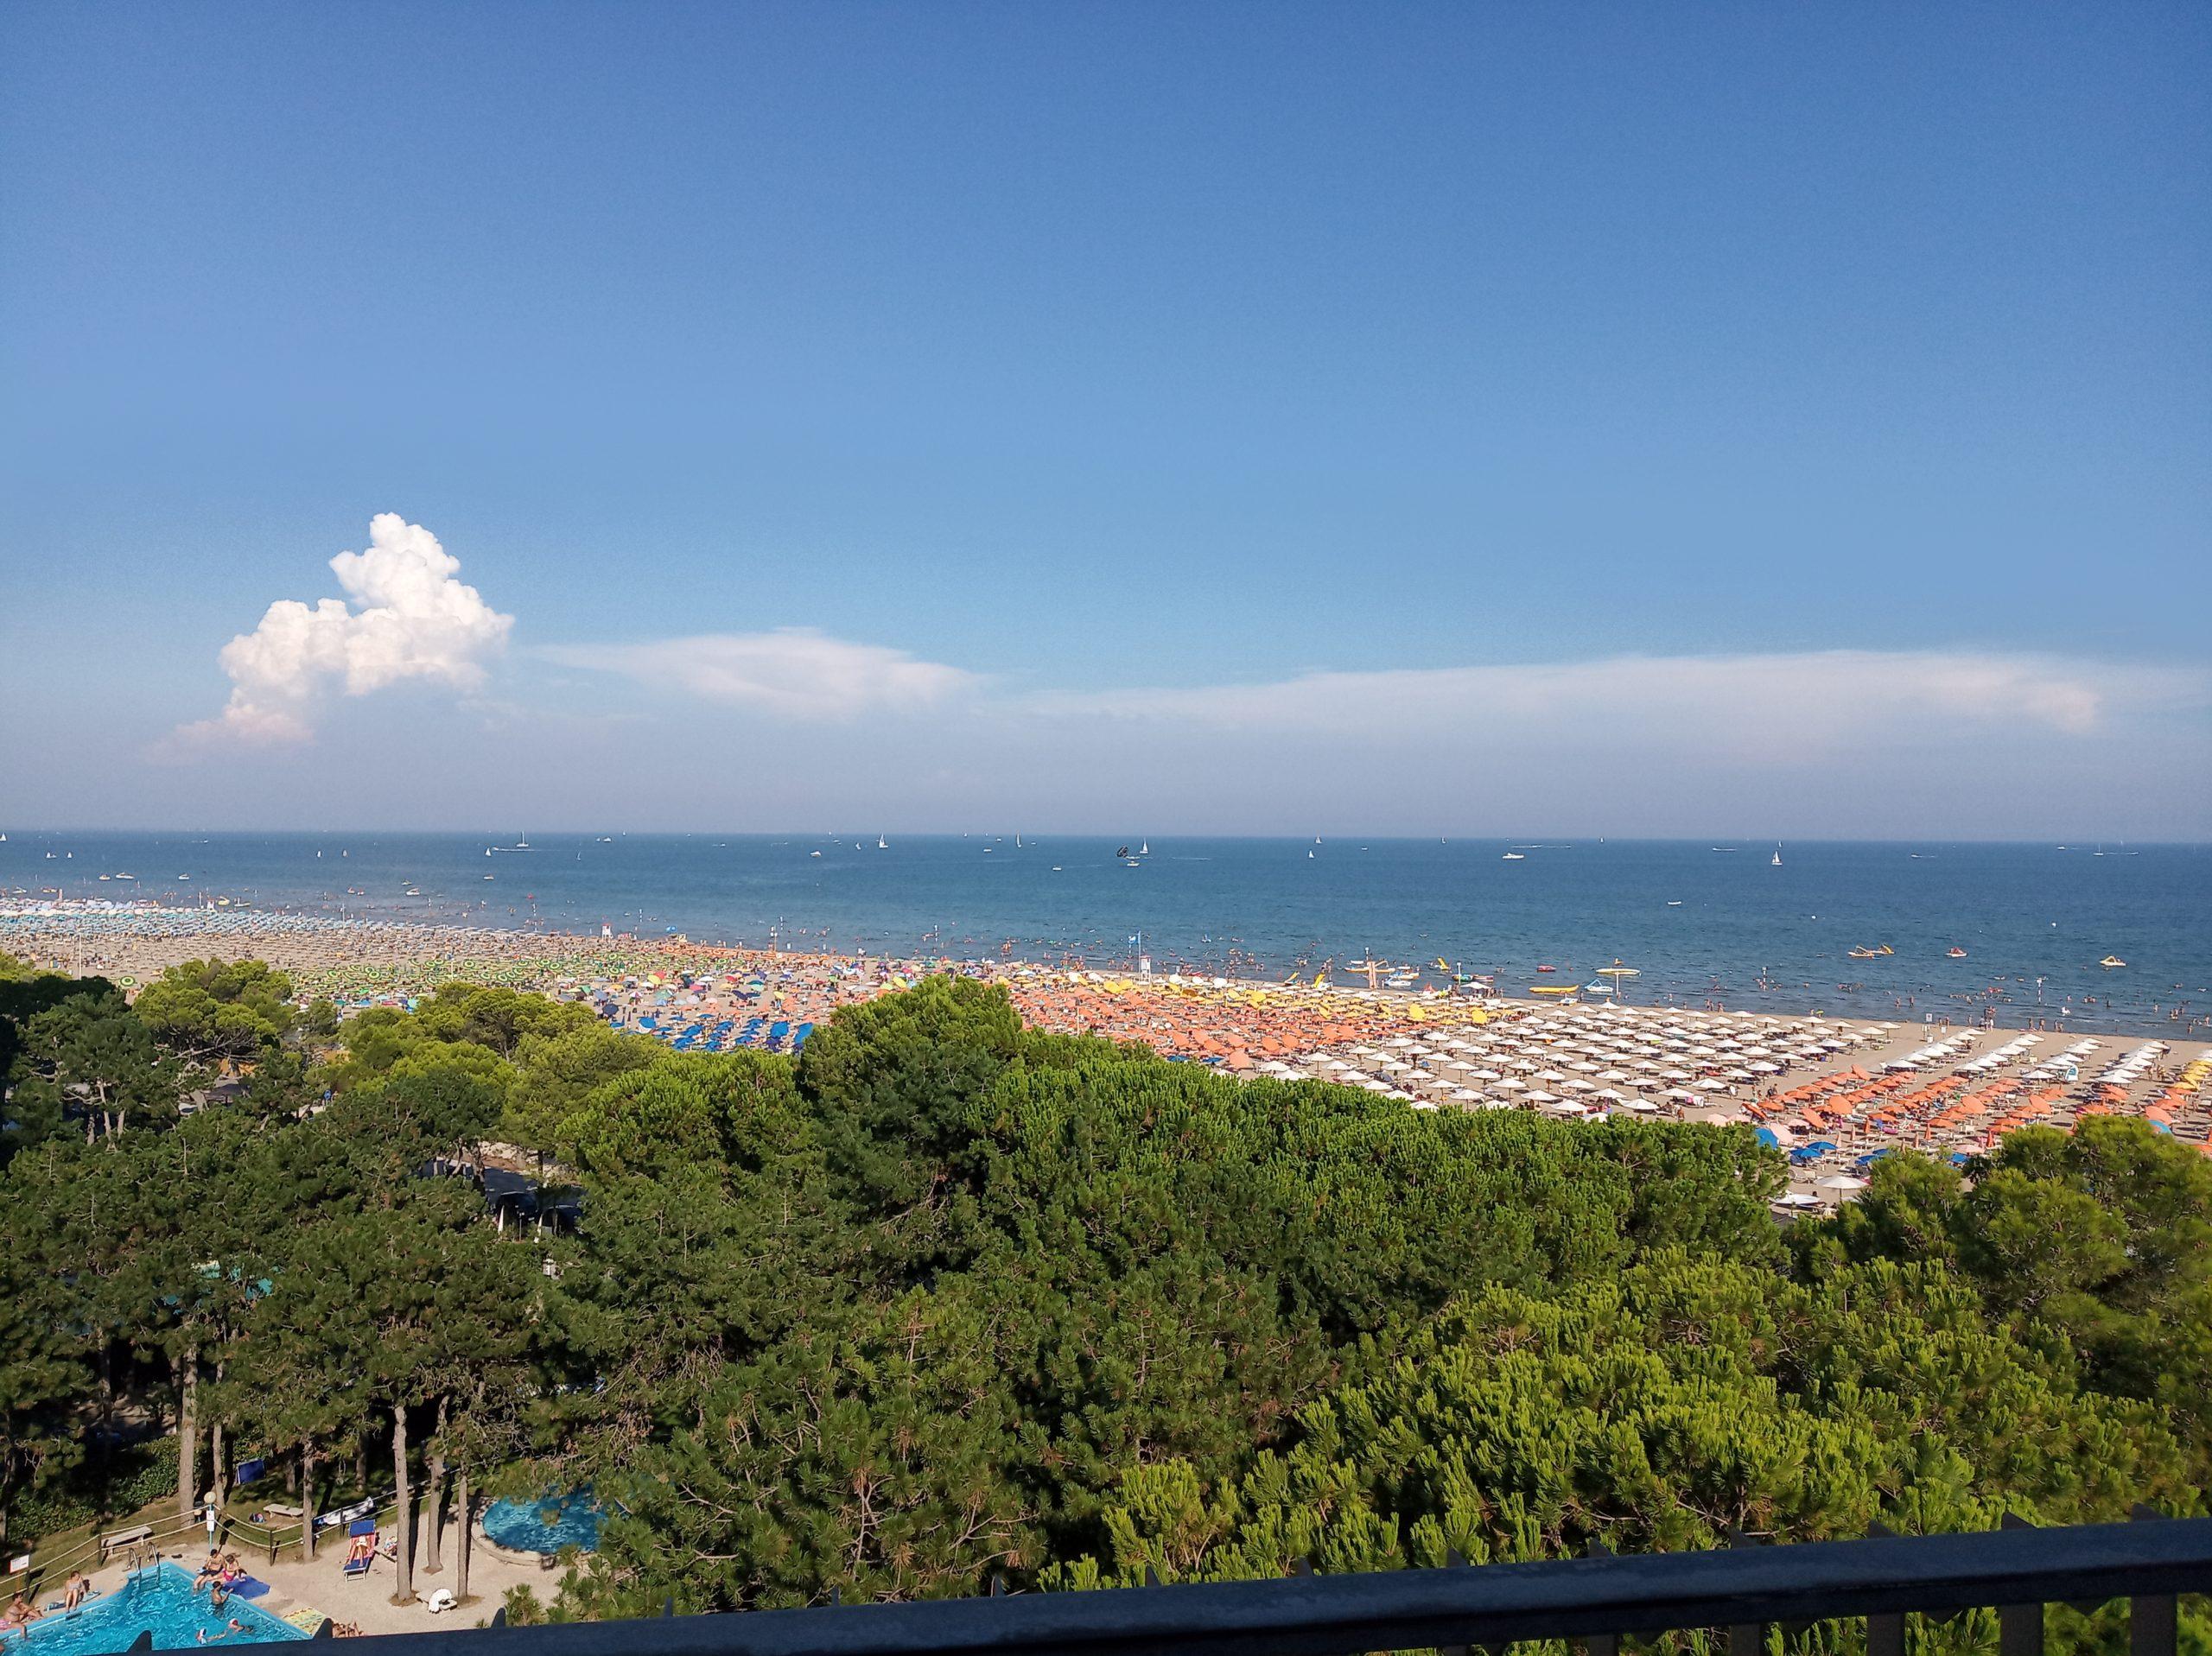 Vista sulla spiaggia e il mare di Lignano